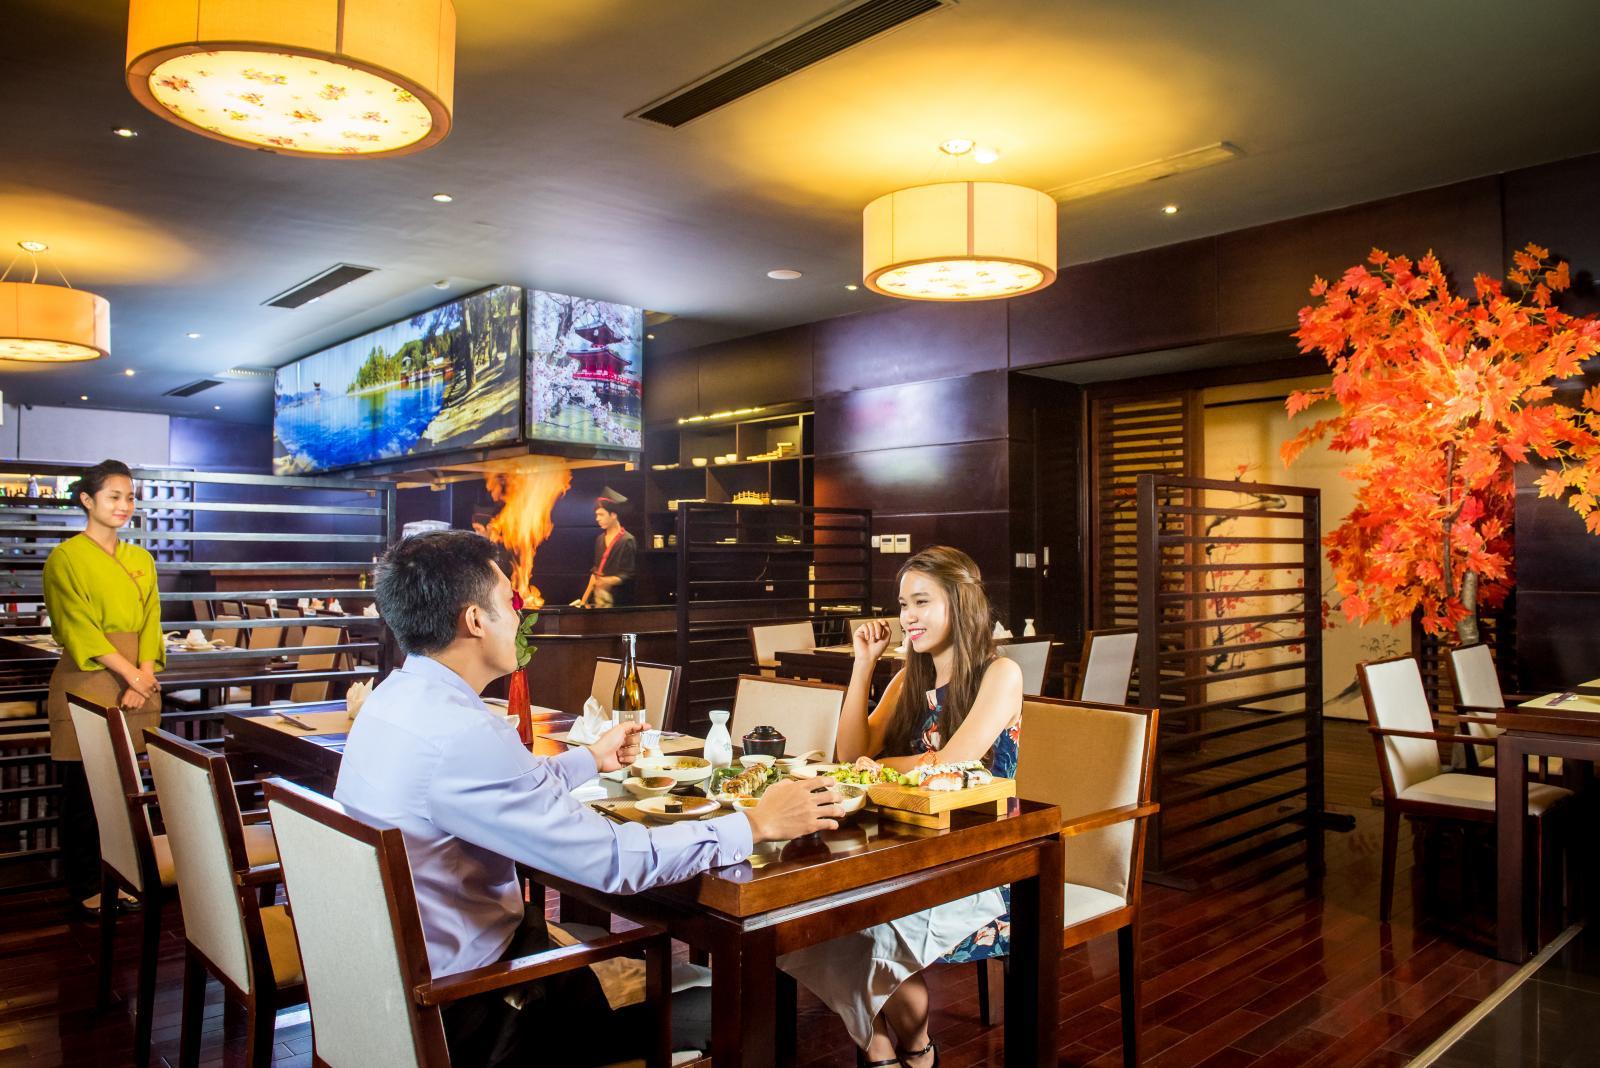 Kinh doanh nhà hàng cần bao nhiêu vốn ban đầu